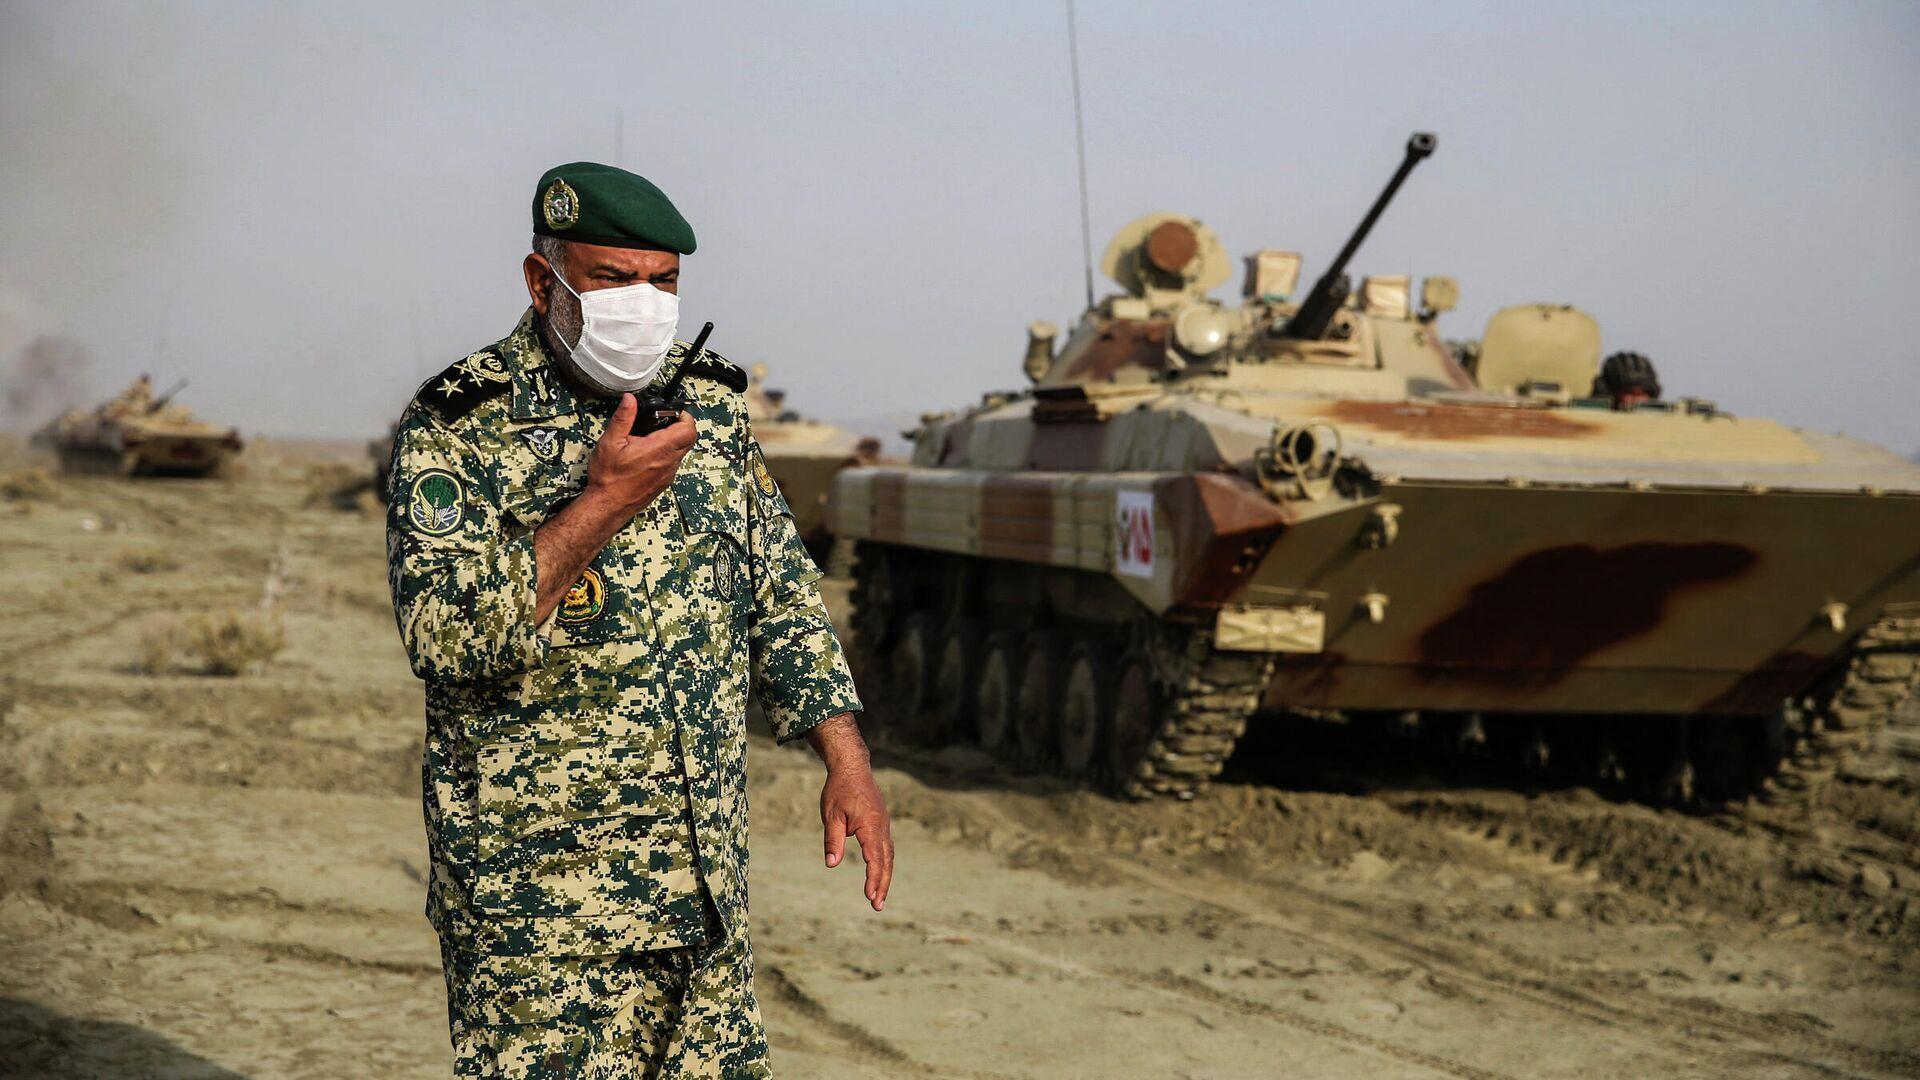 Сухопутные войска Ирана принимают участие в военных учениях в прибрежном районе Макран на юго-востоке Ирана, 19 января 2021 года - Sputnik Азербайджан, 1920, 01.10.2021